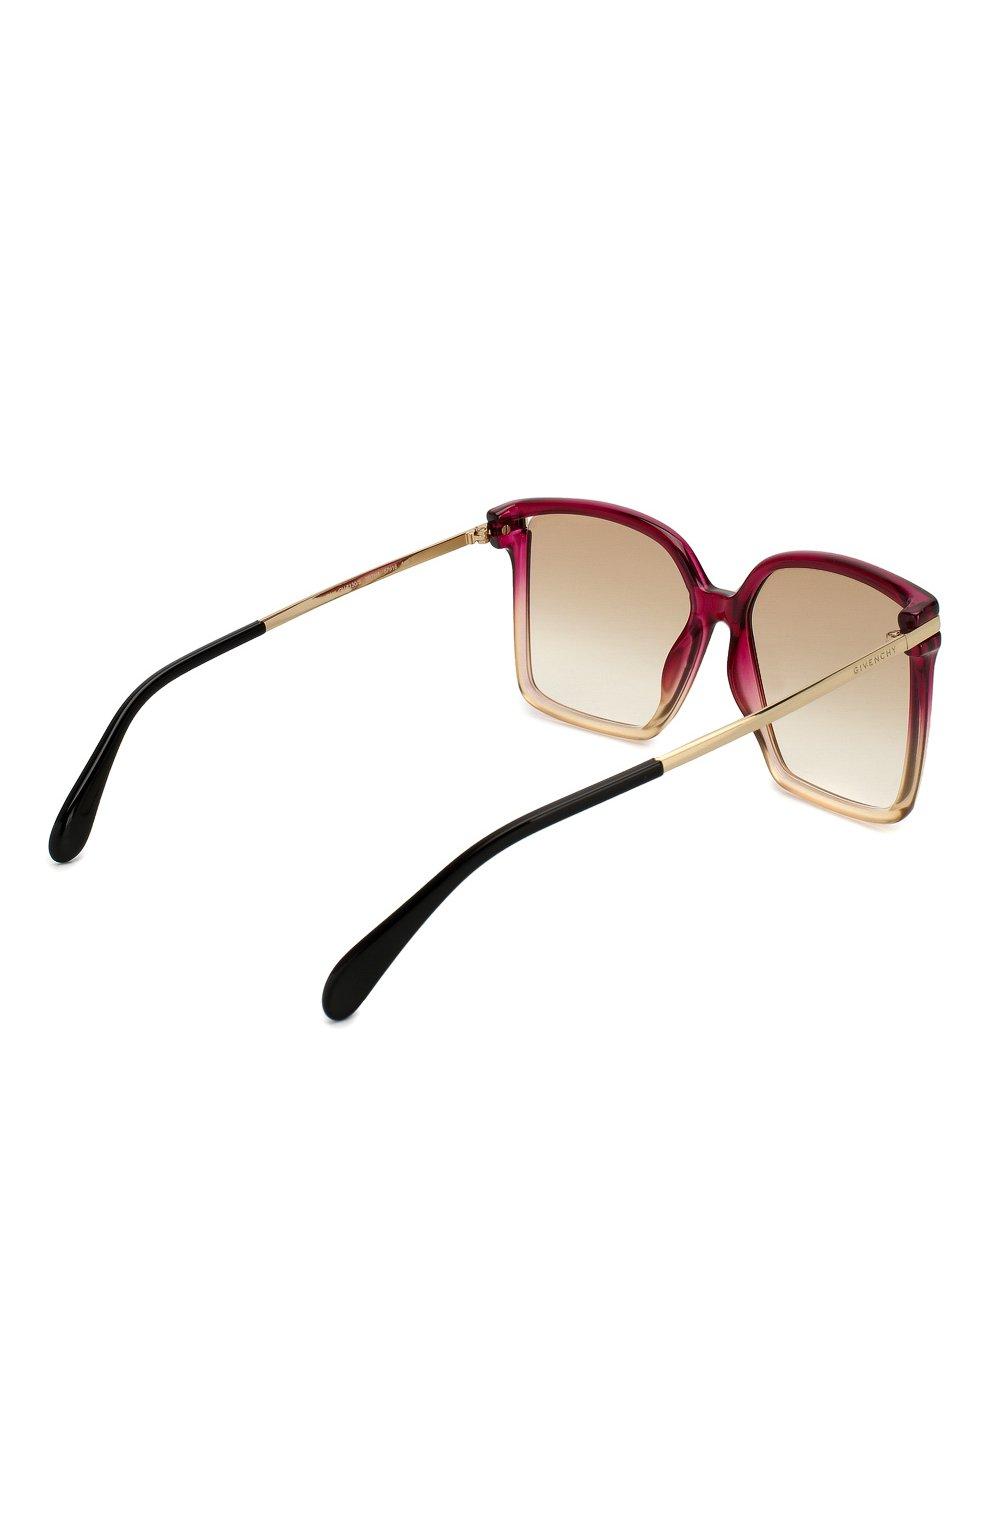 Женские солнцезащитные очки GIVENCHY красного цвета, арт. 7130 3R7   Фото 4